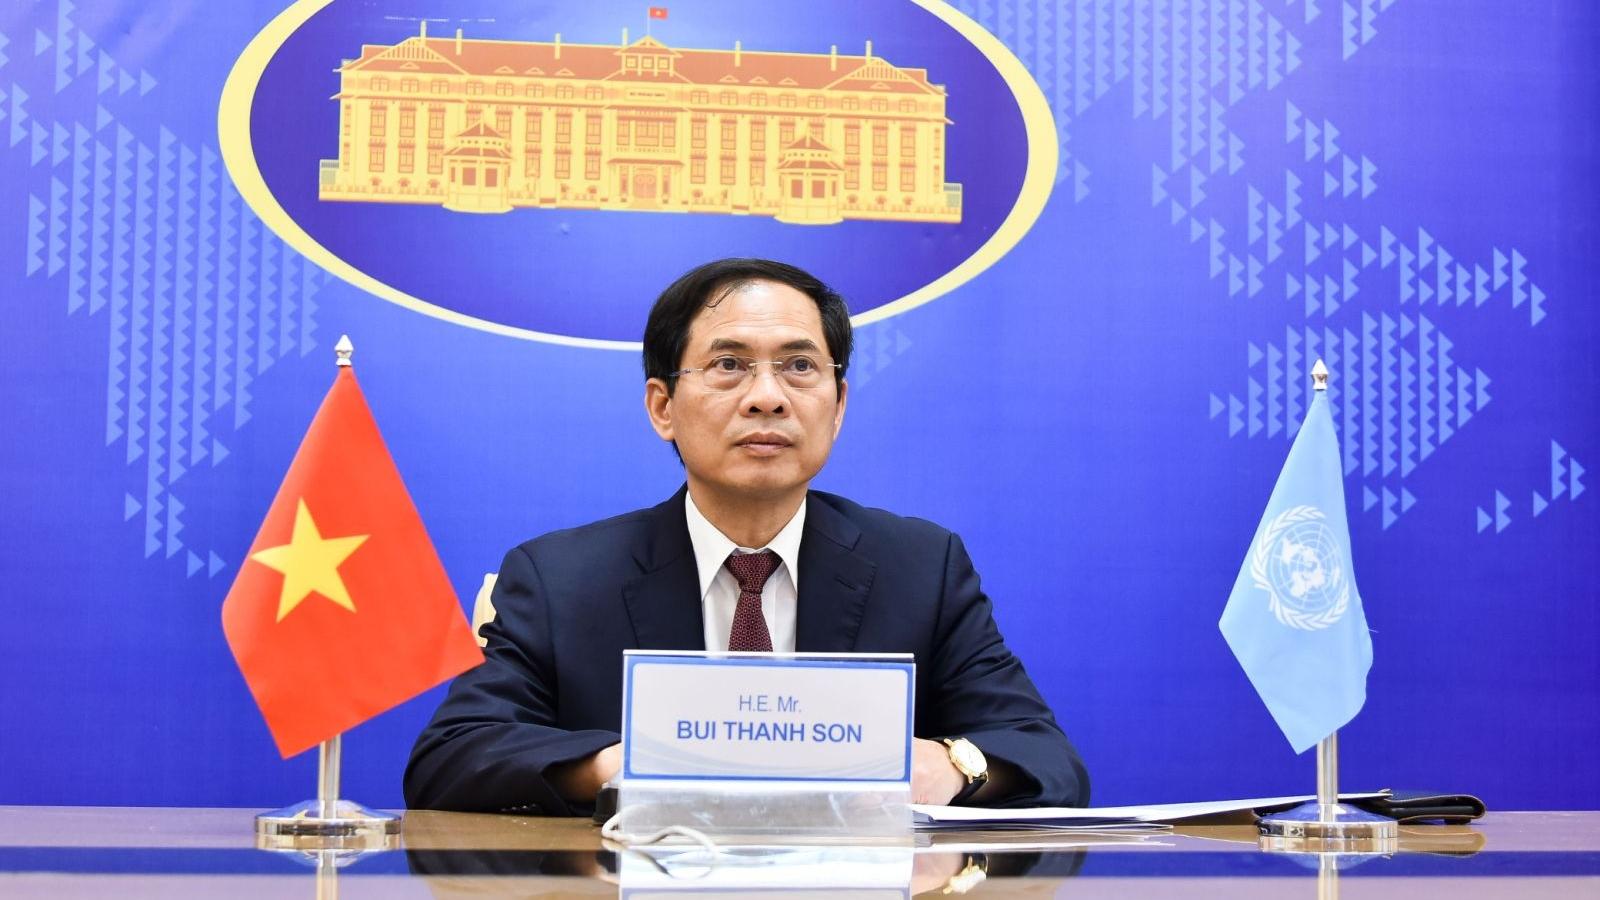 Bộ trưởng Ngoại giao Bùi Thanh Sơn dự Phiên thảo luận mở trực tuyến cấp Bộ trưởng HĐBA LHQ